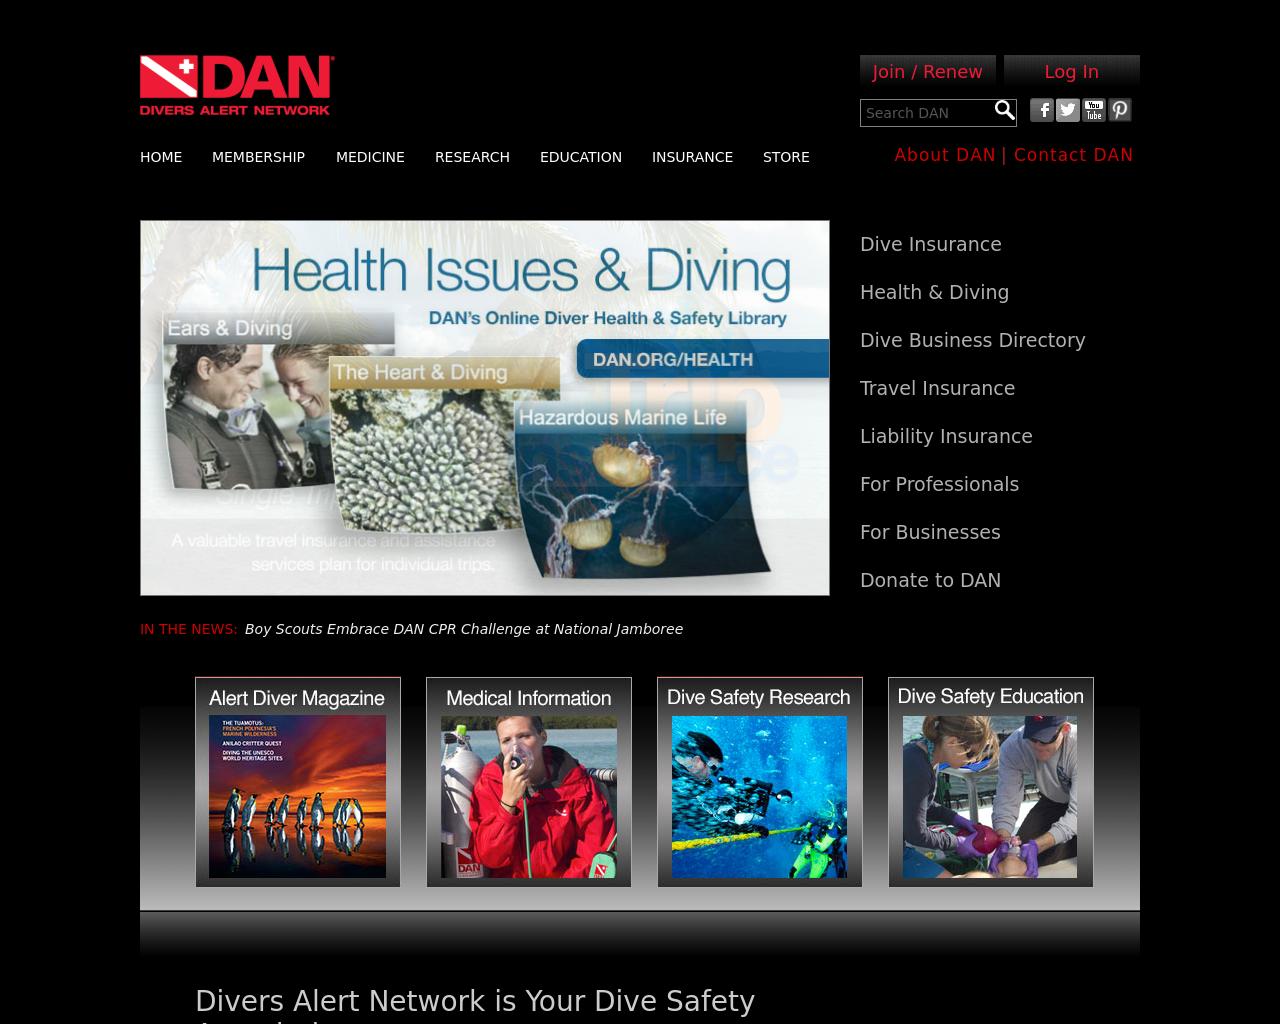 Divers-Alert-Network-(DAN)-Advertising-Reviews-Pricing